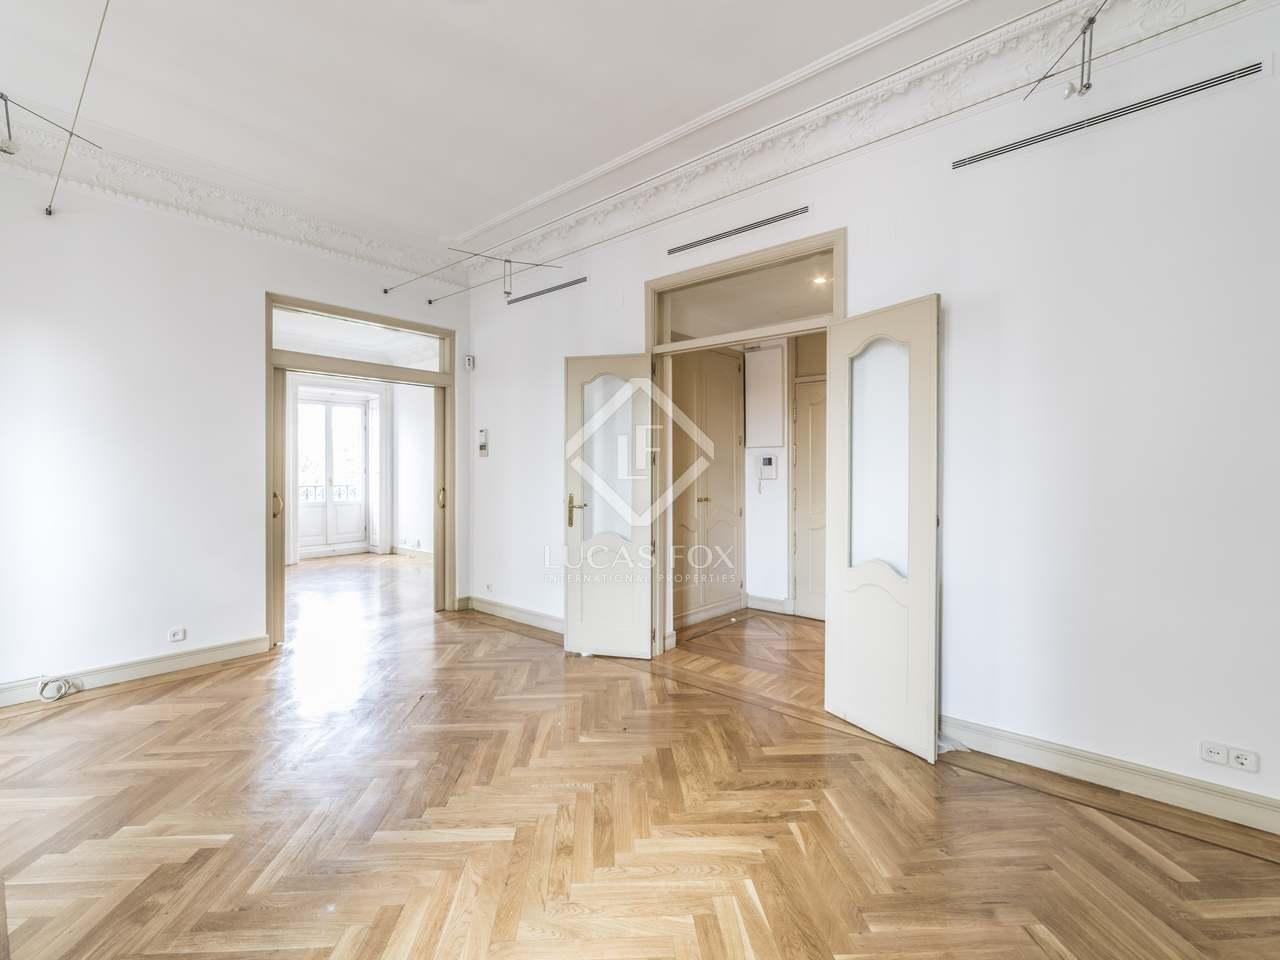 D plex en alquiler en un edificio hist rico de madrid - Duplex en madrid ...